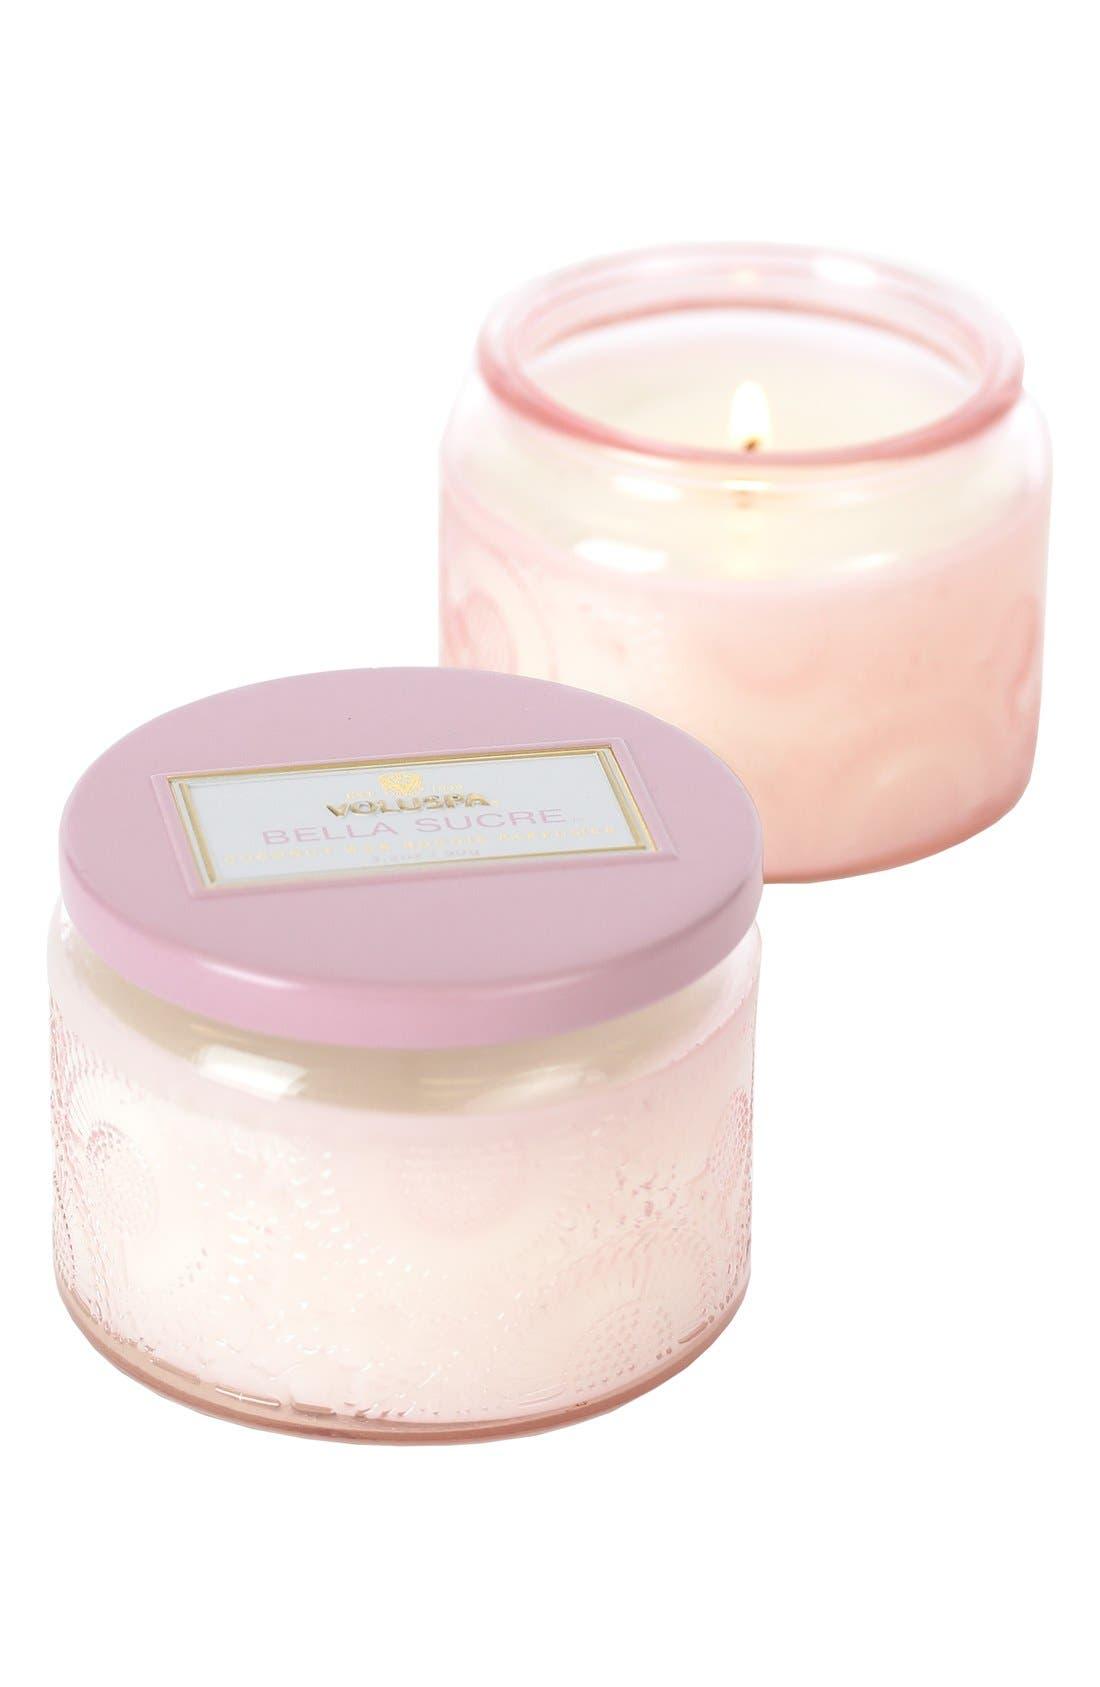 'Japonica - Bella Sucre' Petite Colored Jar Candle,                             Main thumbnail 1, color,                             000